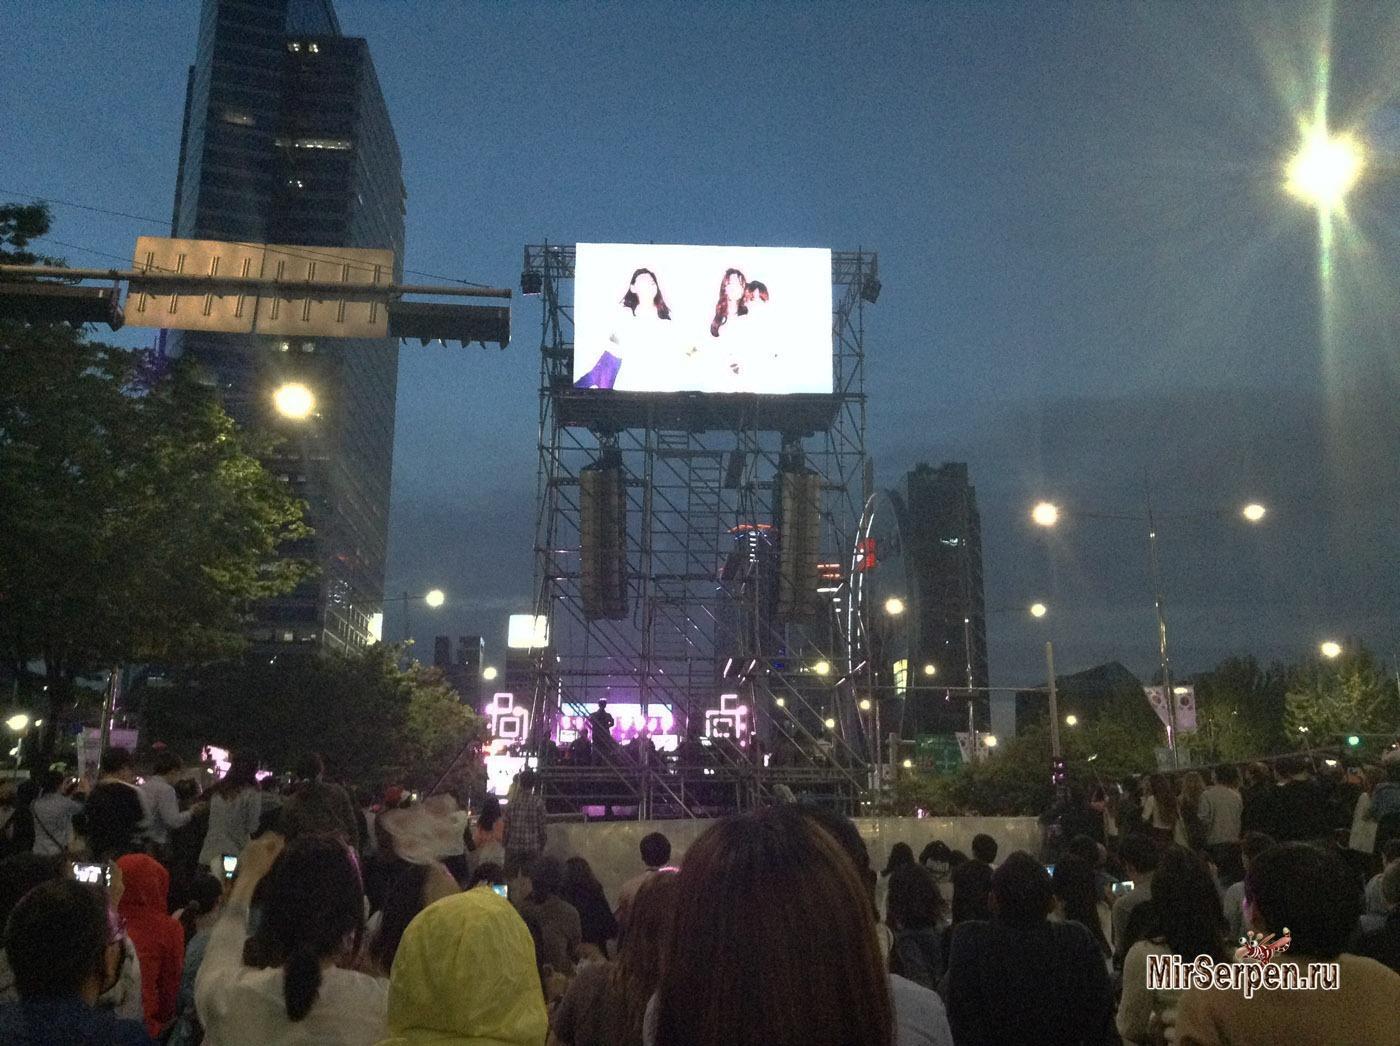 Концертные видео на мобильник